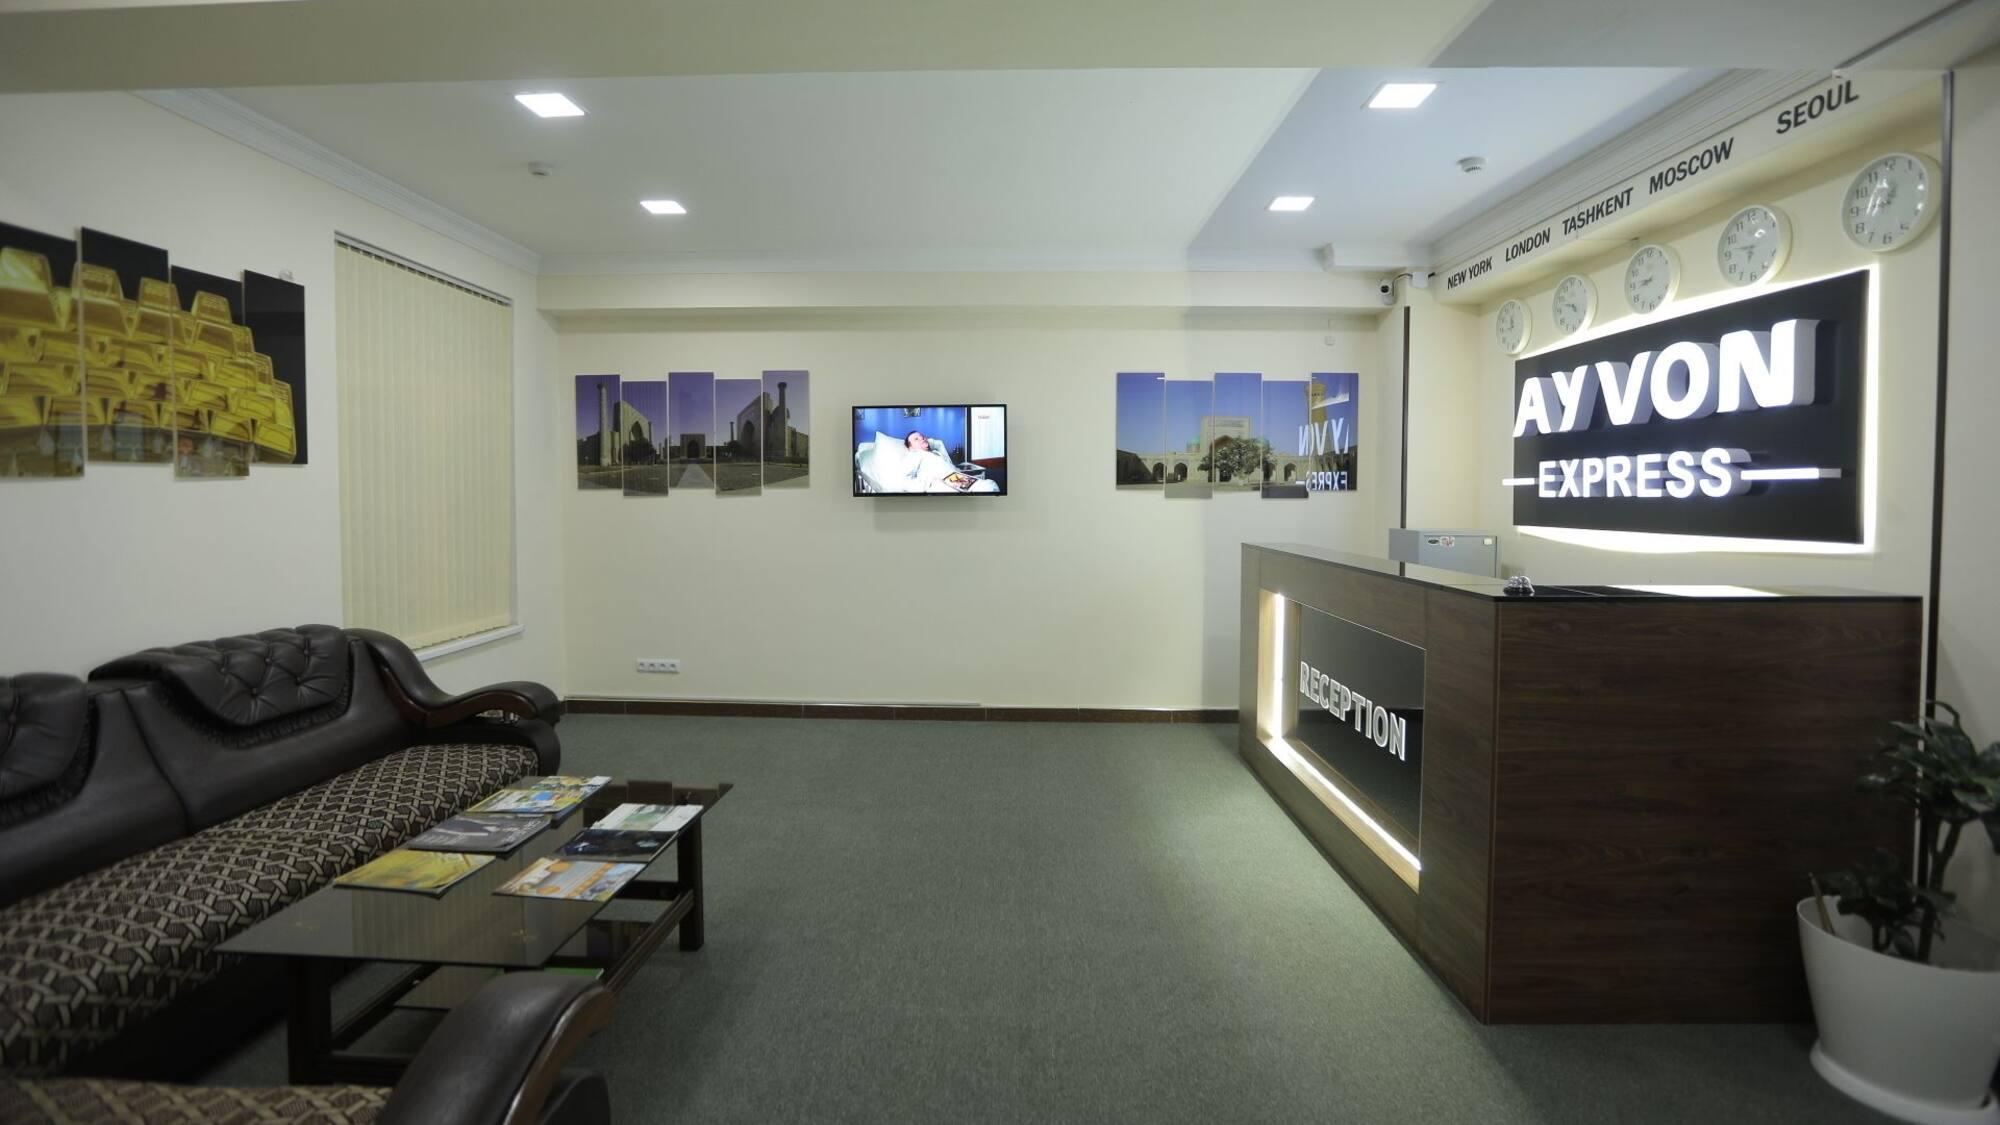 AYVON HOTEL — photo 2